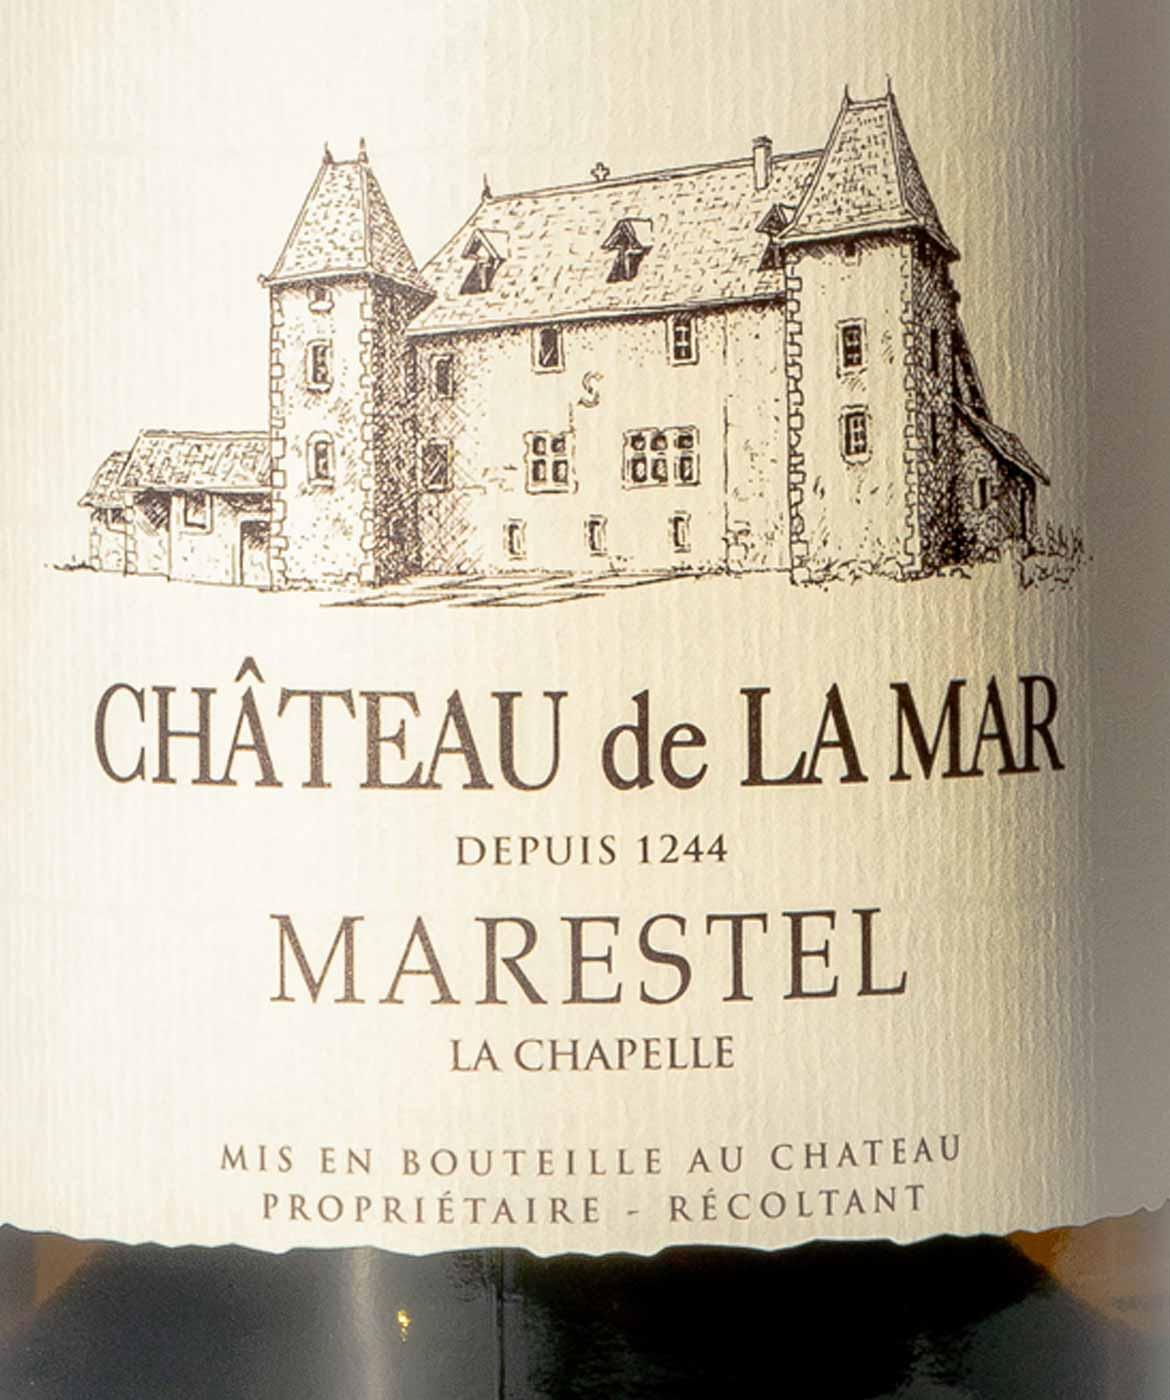 Marestel La Chapelle - Etiquette Vins blancs de Savoie